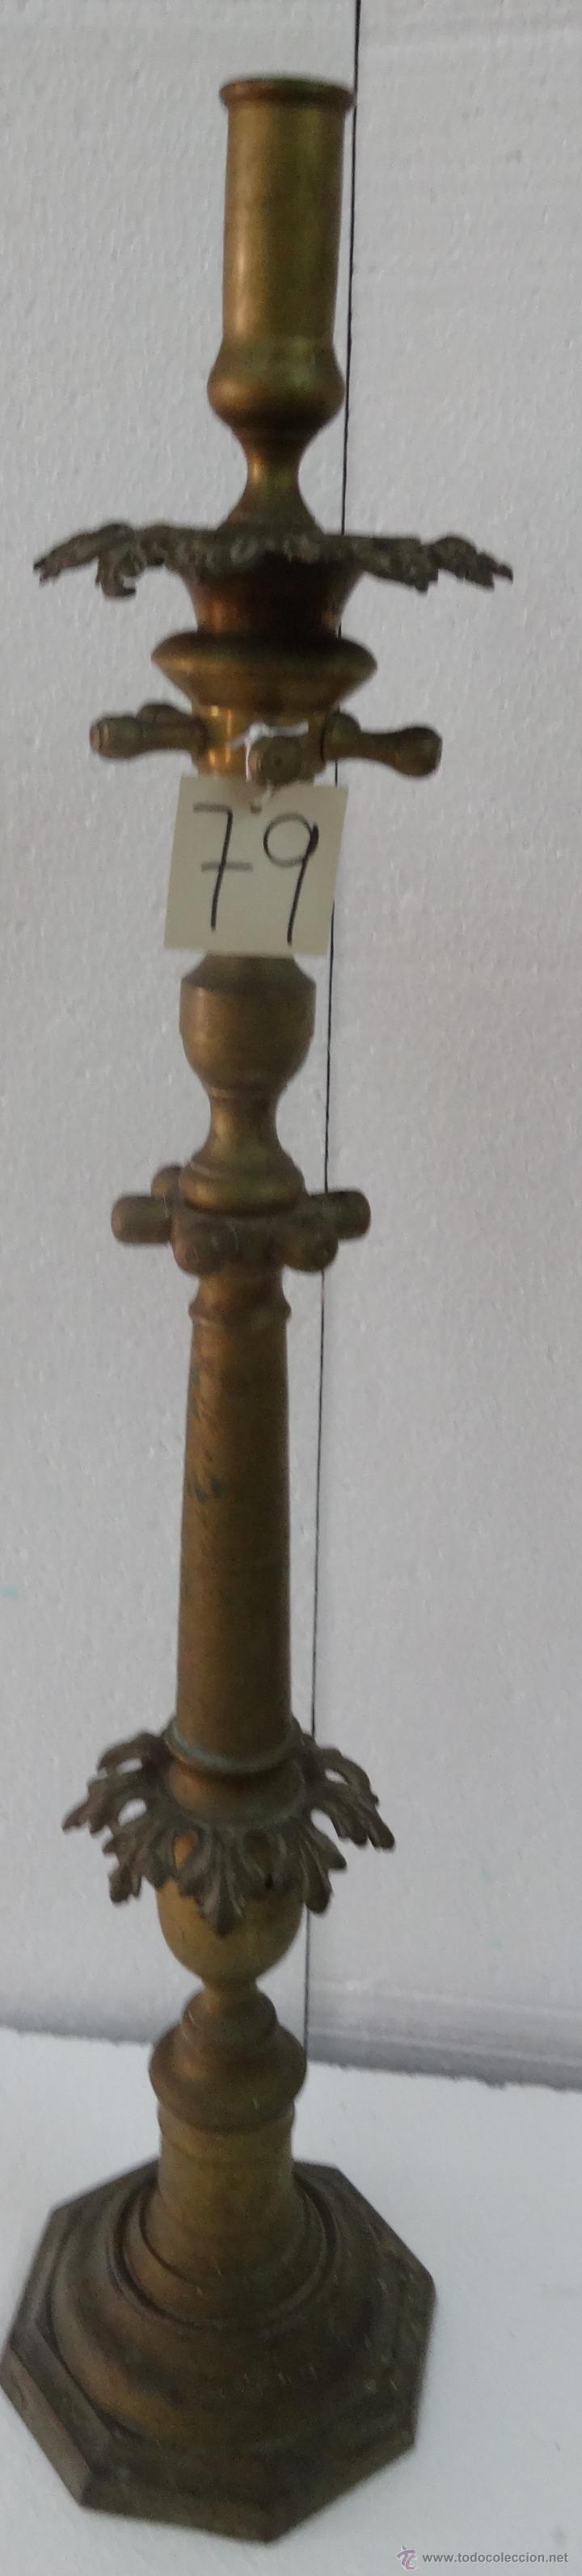 Antigüedades: CANDELABRO DE PIE SIGLO XIX-79 - Foto 2 - 43449594